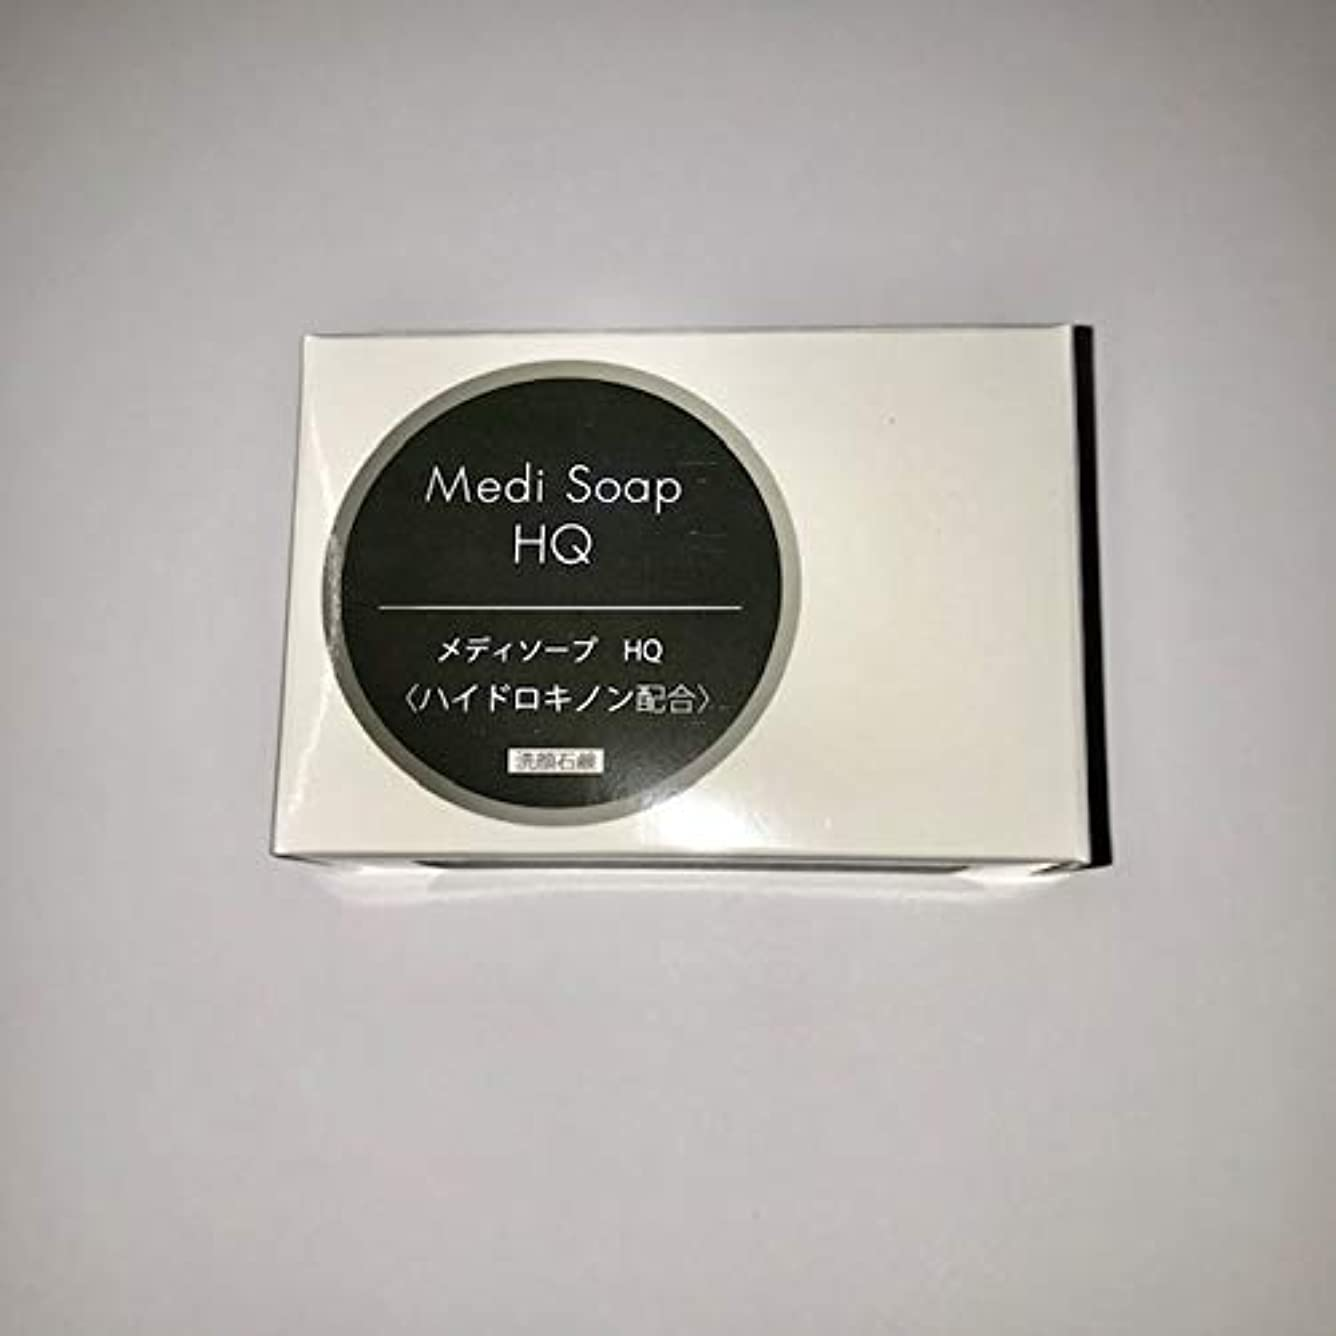 気を散らす許可バンケットメディソープHQ 100g ハイドロキノン2%配合 洗顔石鹸 ジェイ?ヒューイット製